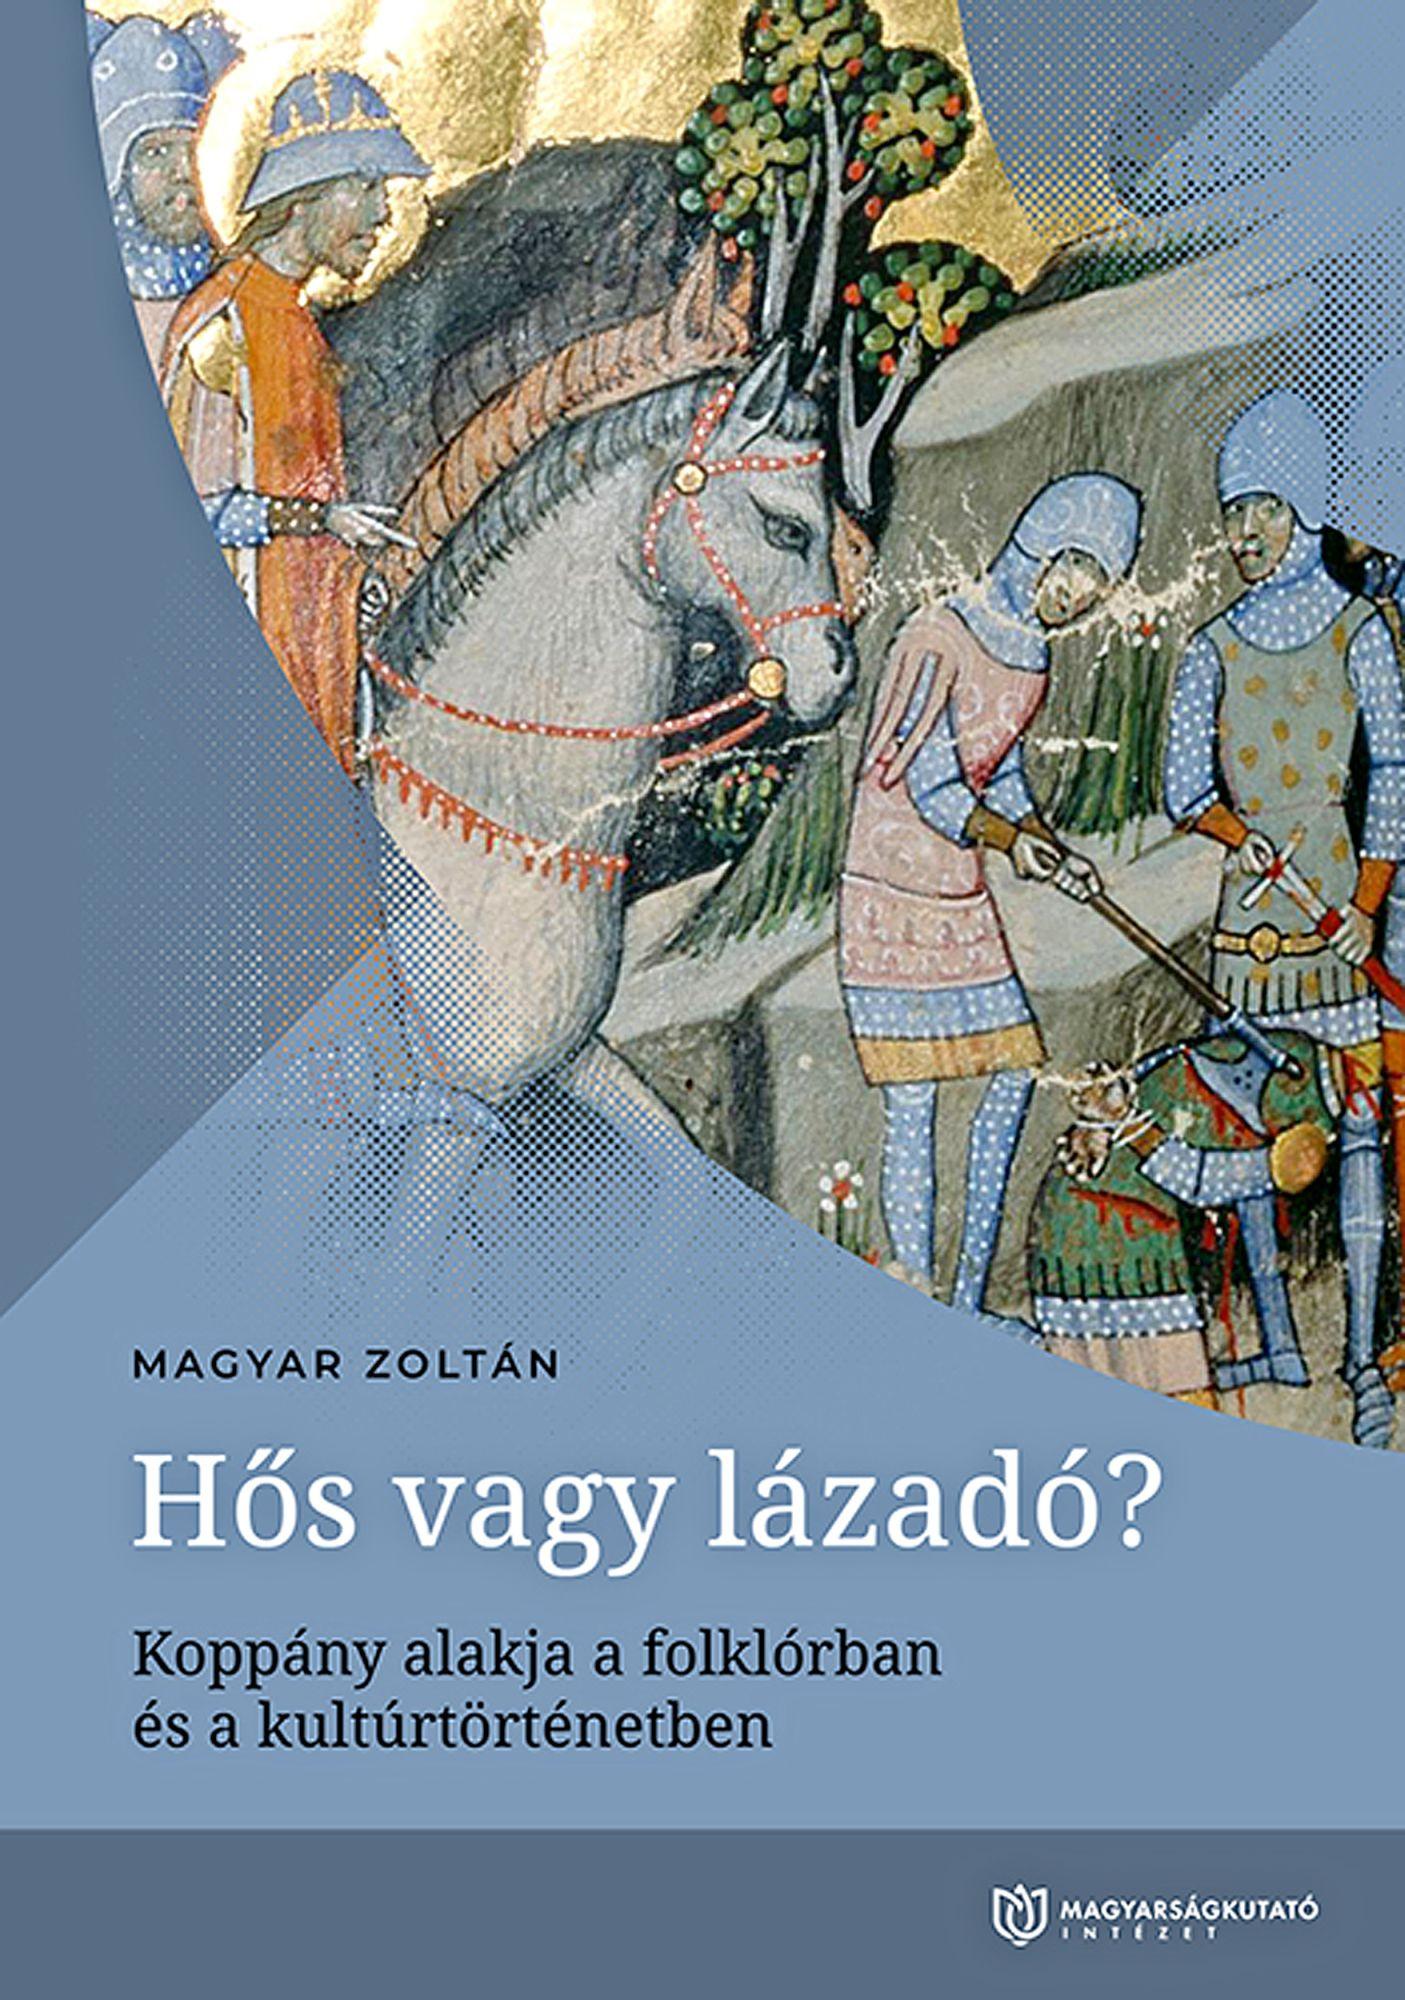 Magyar Zoltán: Hős vagy lázadó?